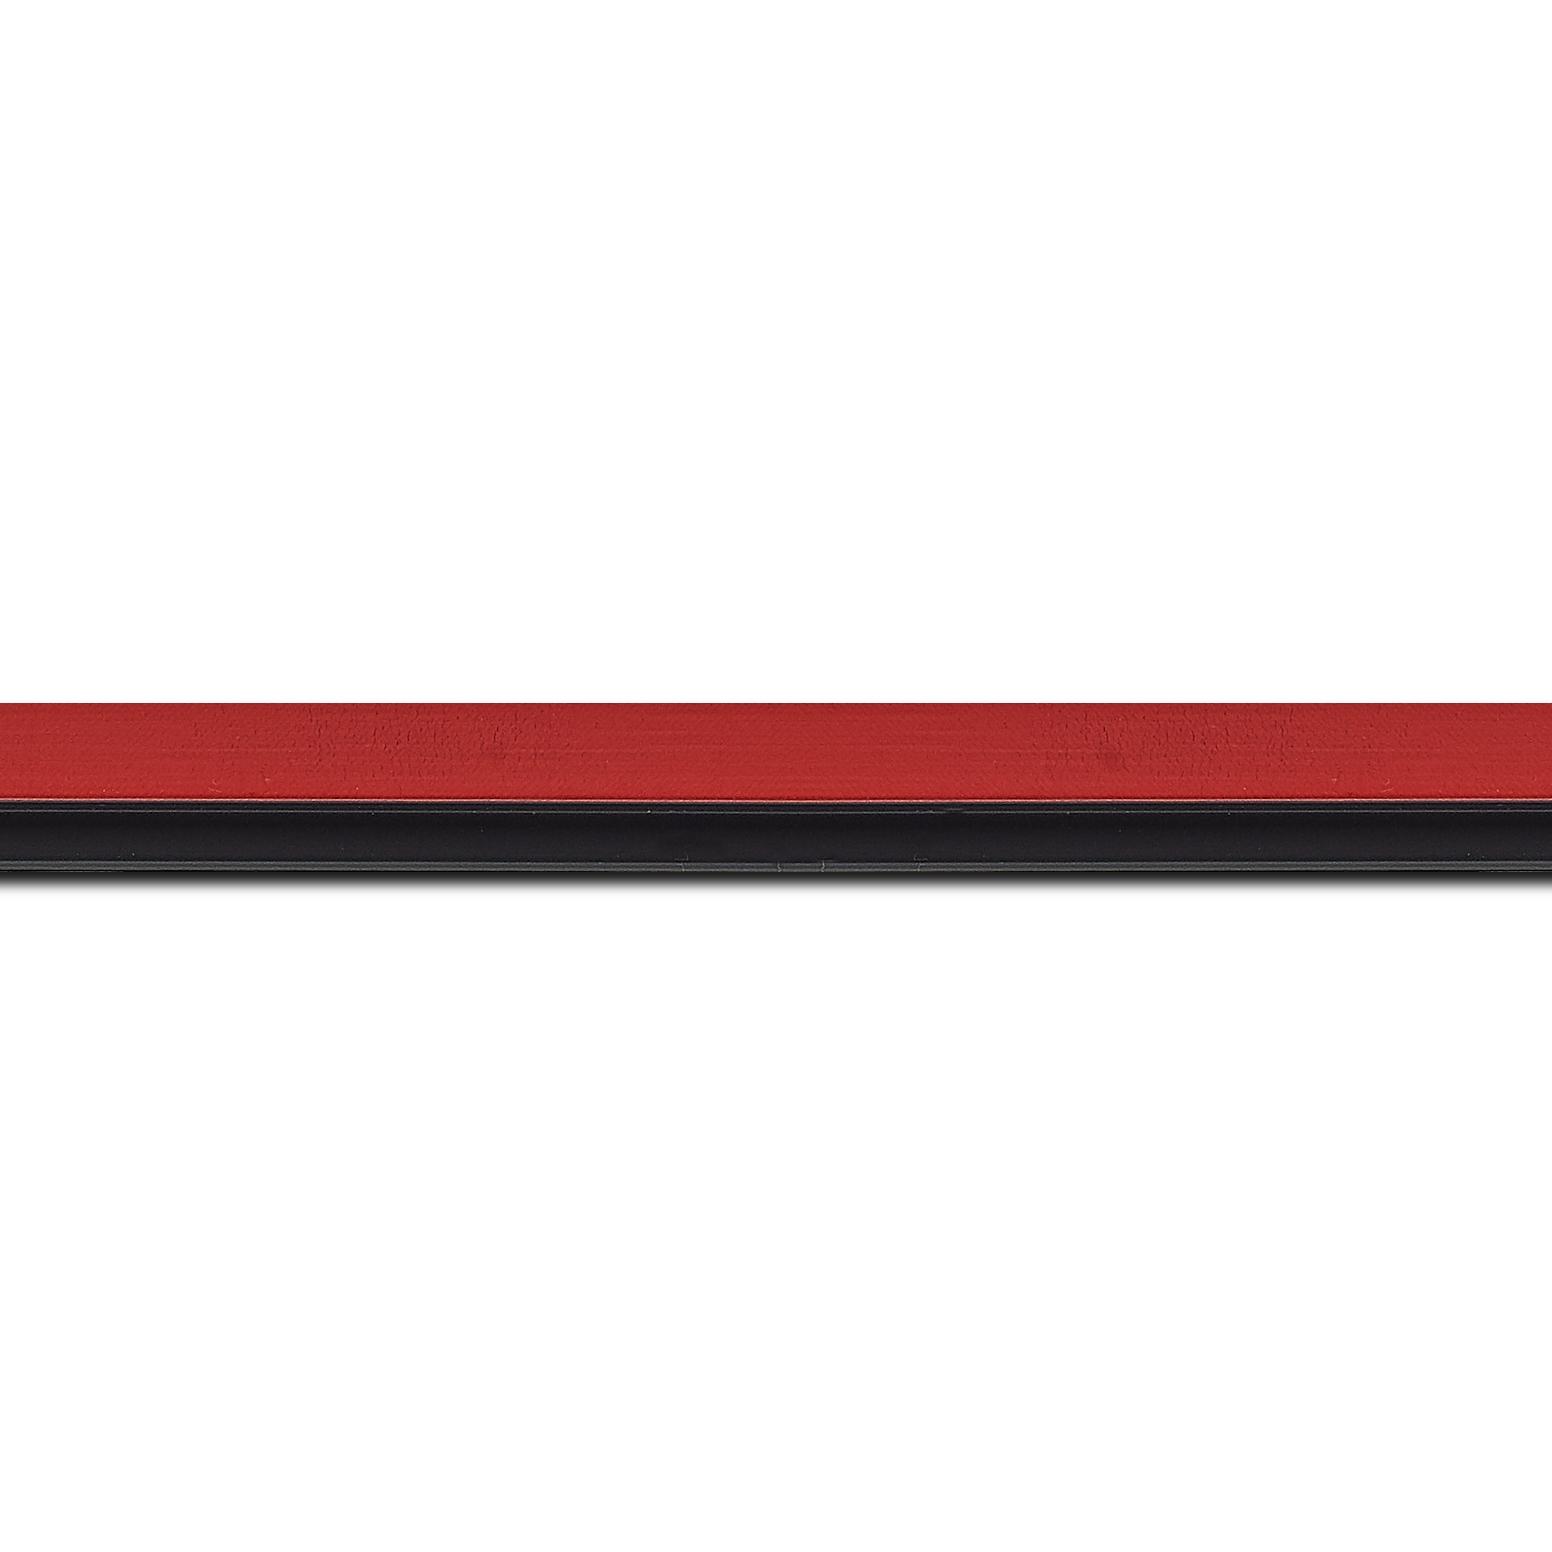 Baguette longueur 1.40m bois profil plat largeur 1.6cm couleur rouge satiné filet noir en retrait de la face du cadre de 6mm assurant un effet très original